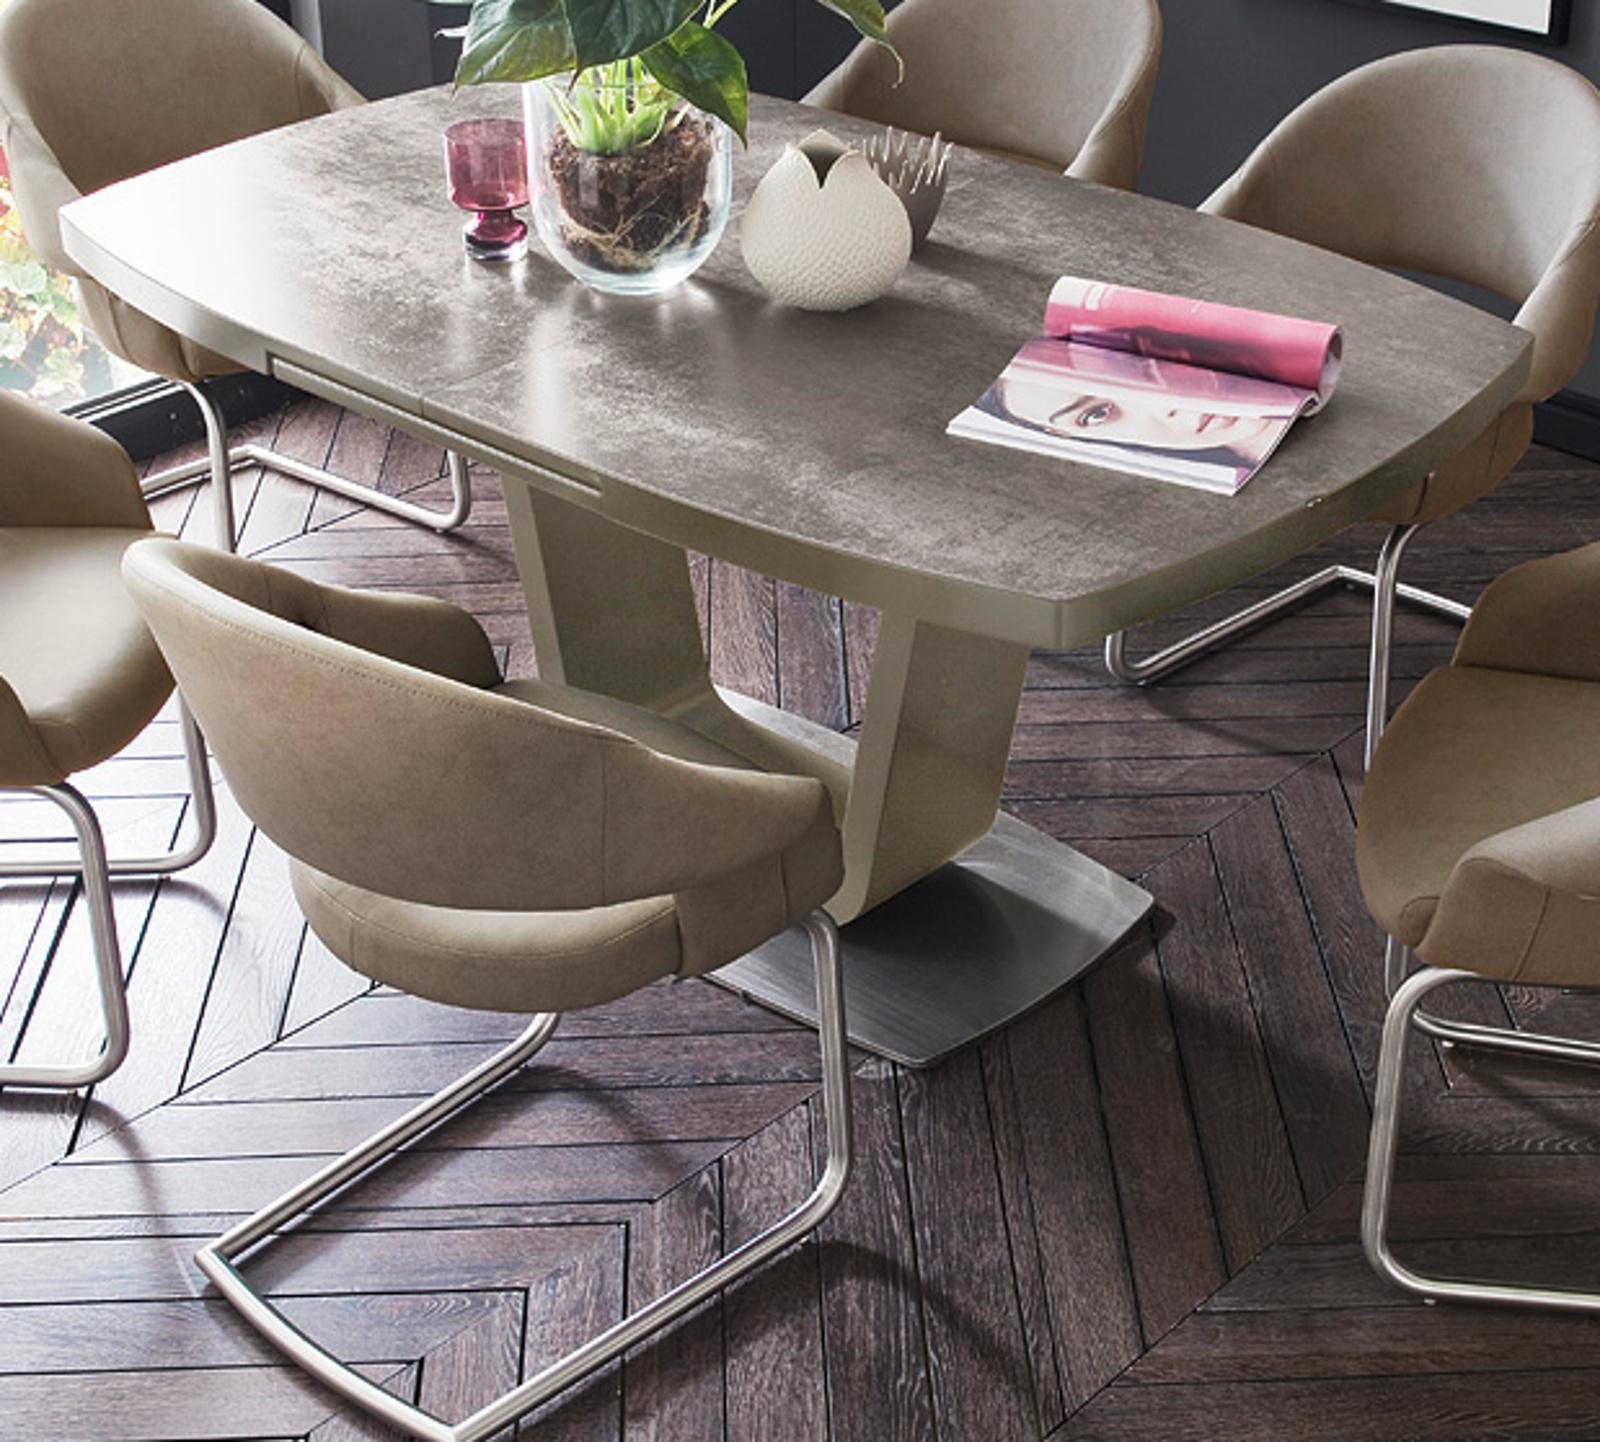 esstisch leandro taupe lack keramik taupe 180 cm. Black Bedroom Furniture Sets. Home Design Ideas